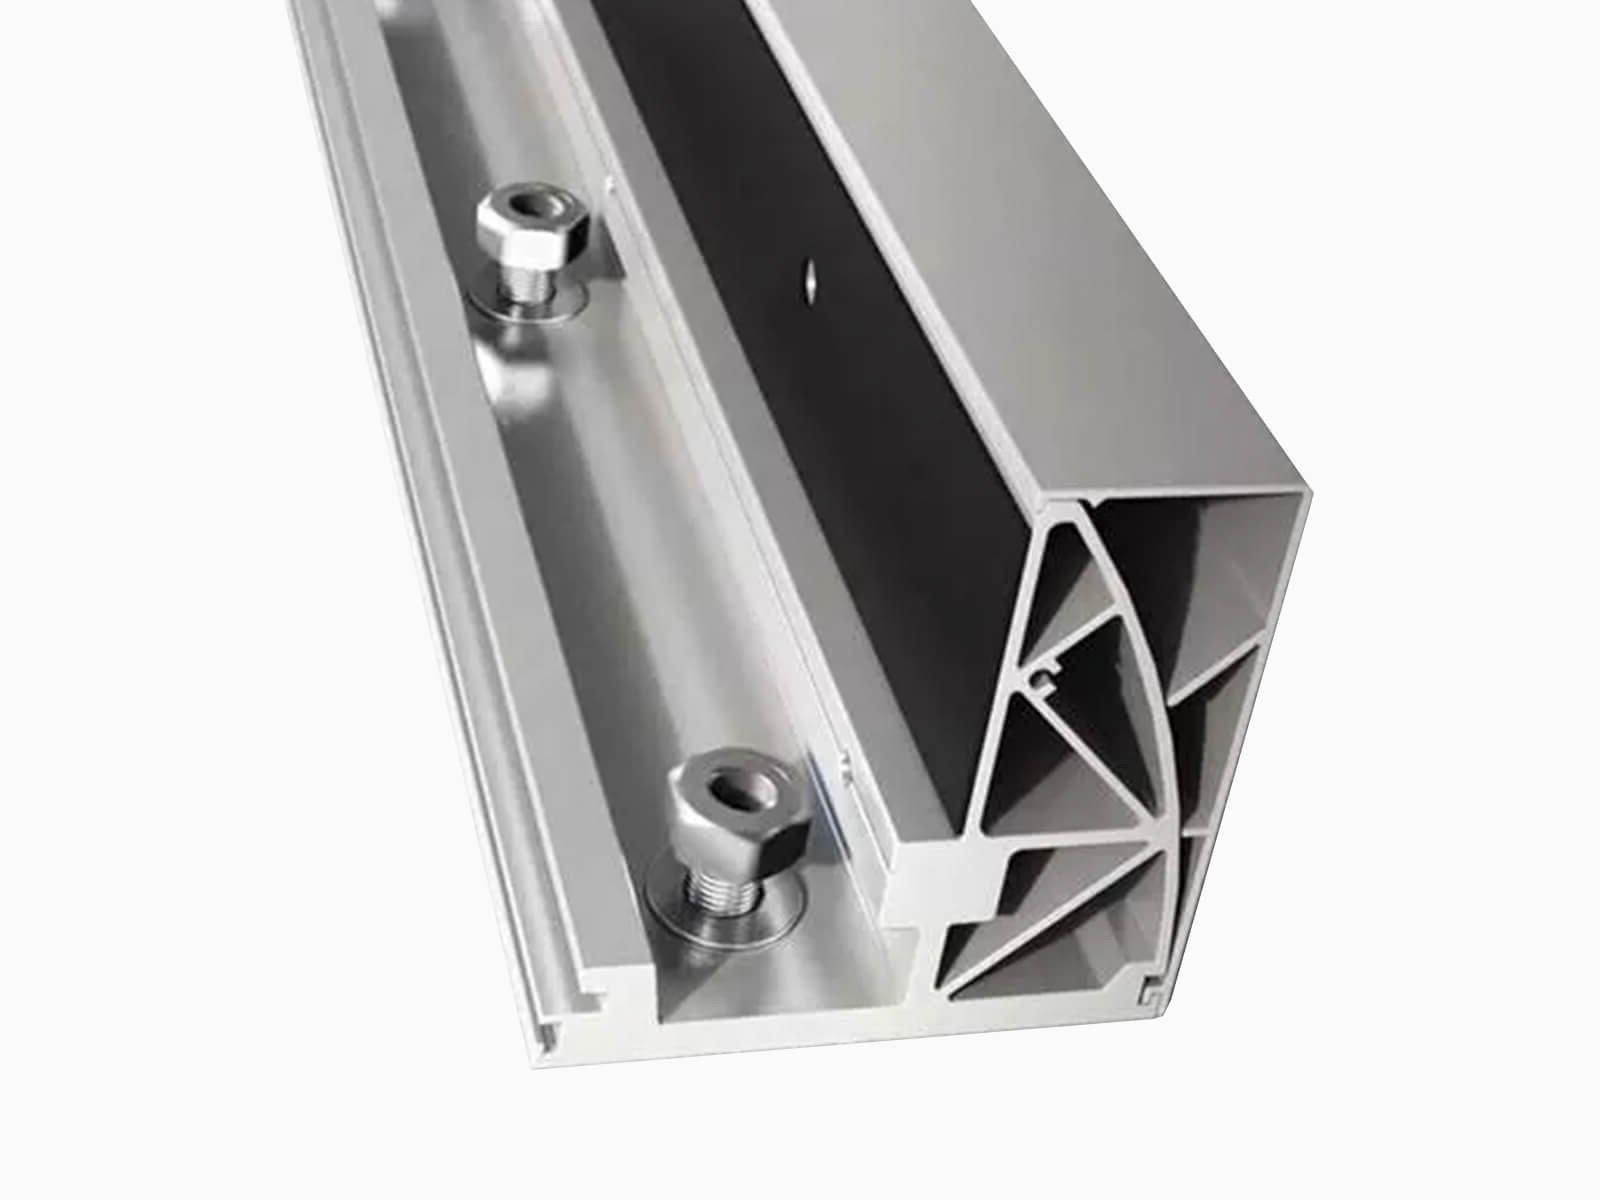 Befestigungsprofil aus Aluminium fuer Ganzglasbruestung CLIP individuell nach mass und Geschmack